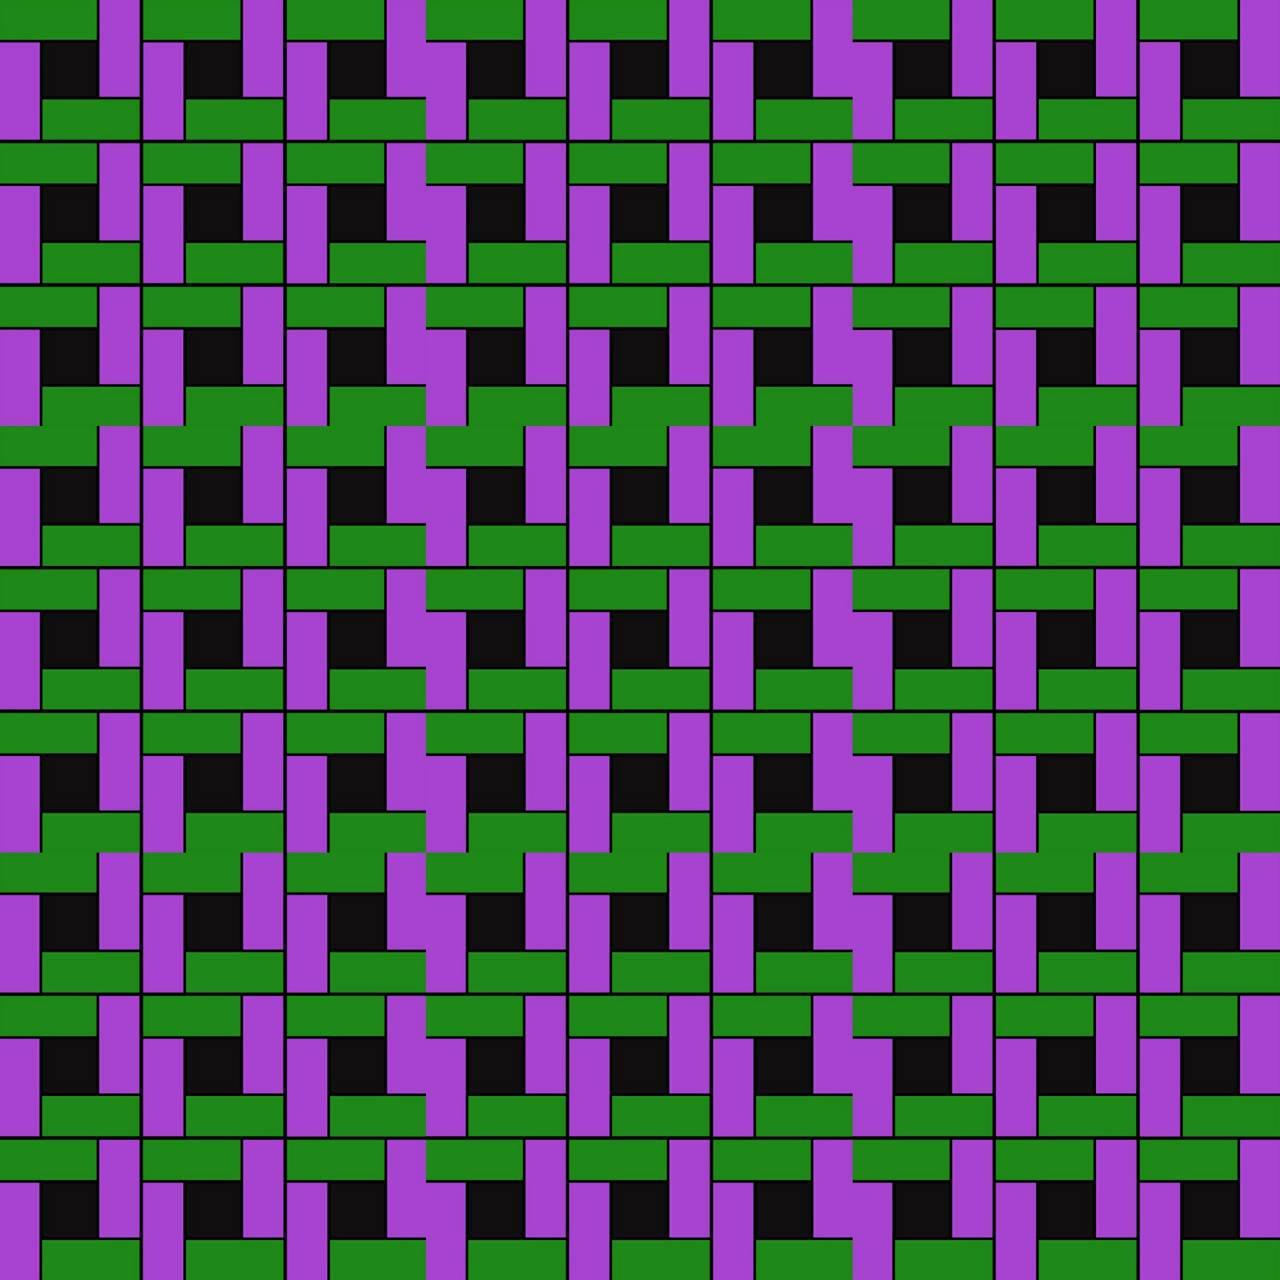 Tiled Wallpaper 9-2a